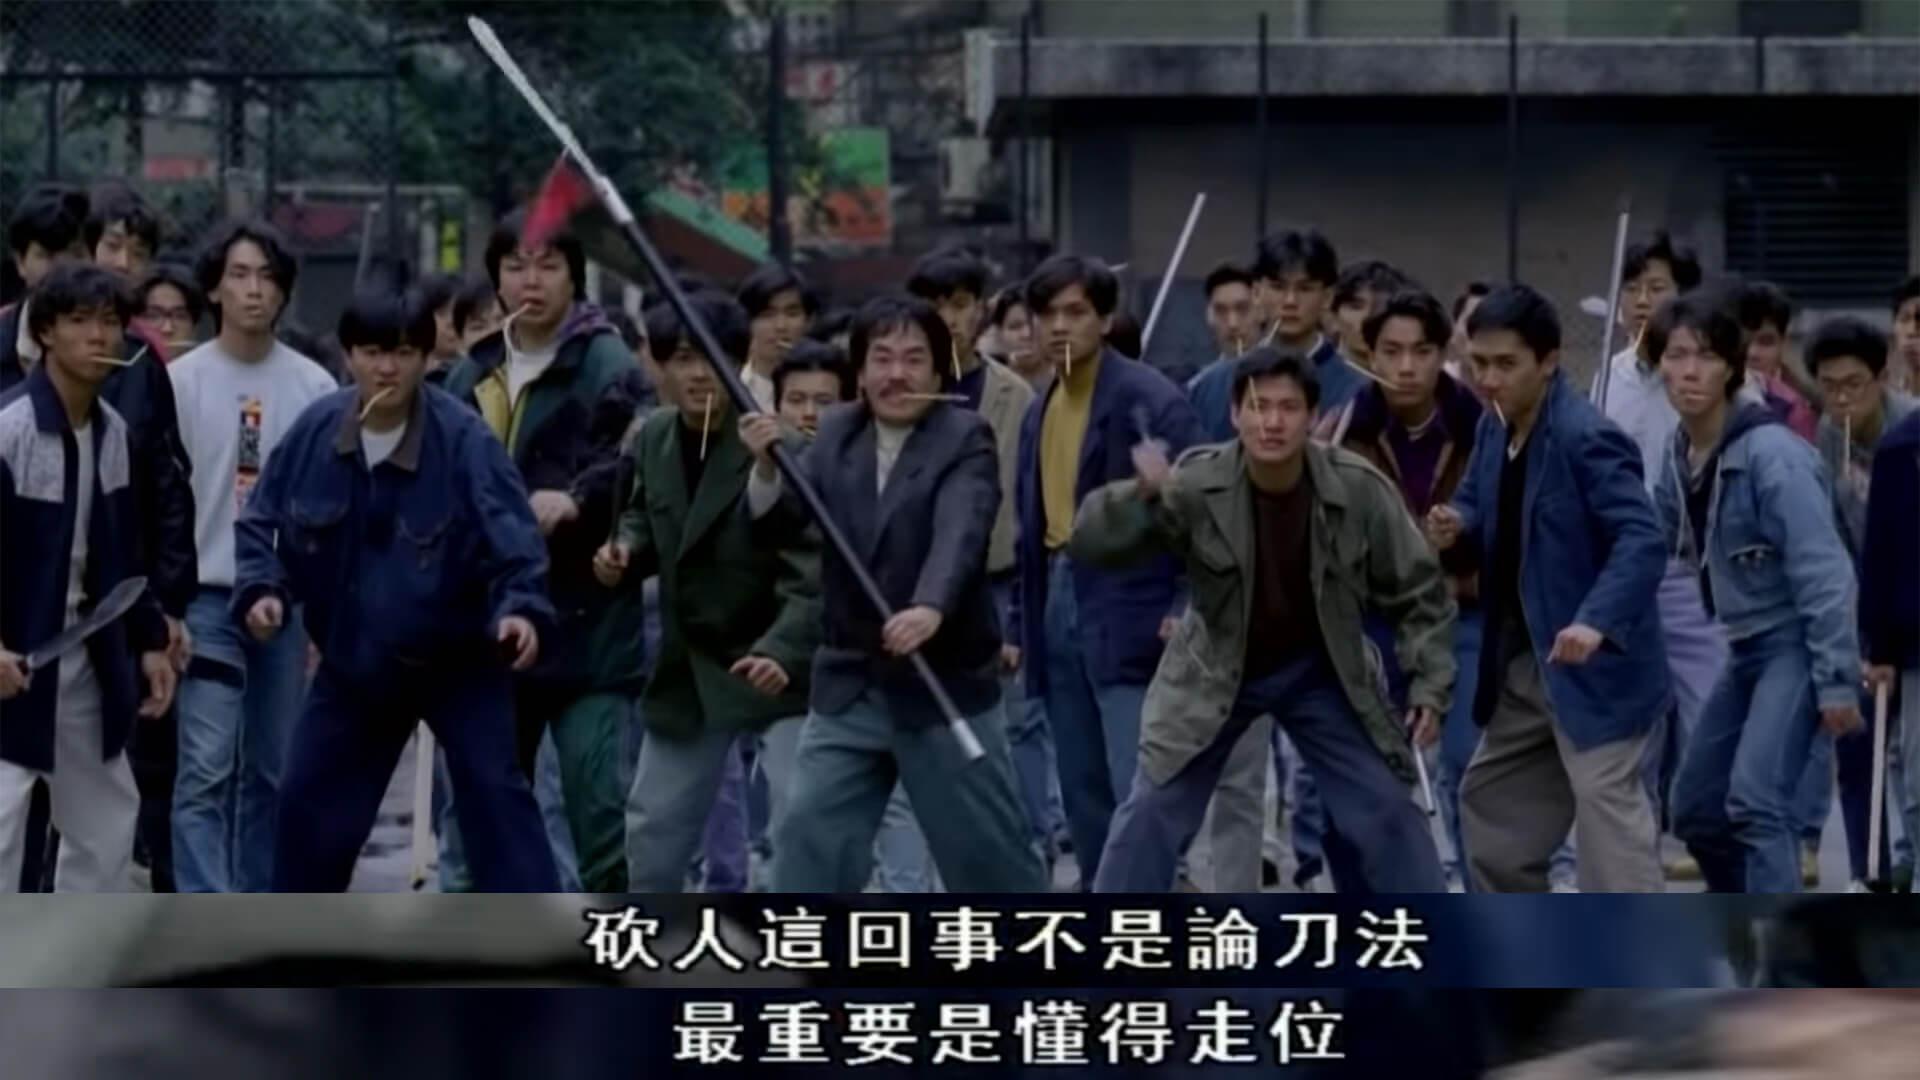 香港1992年電影《阿飛與阿基》牛頭角下村關刀劈友經典場面,筆者也很喜歡該段對白,道盡了很多人的工作心態。